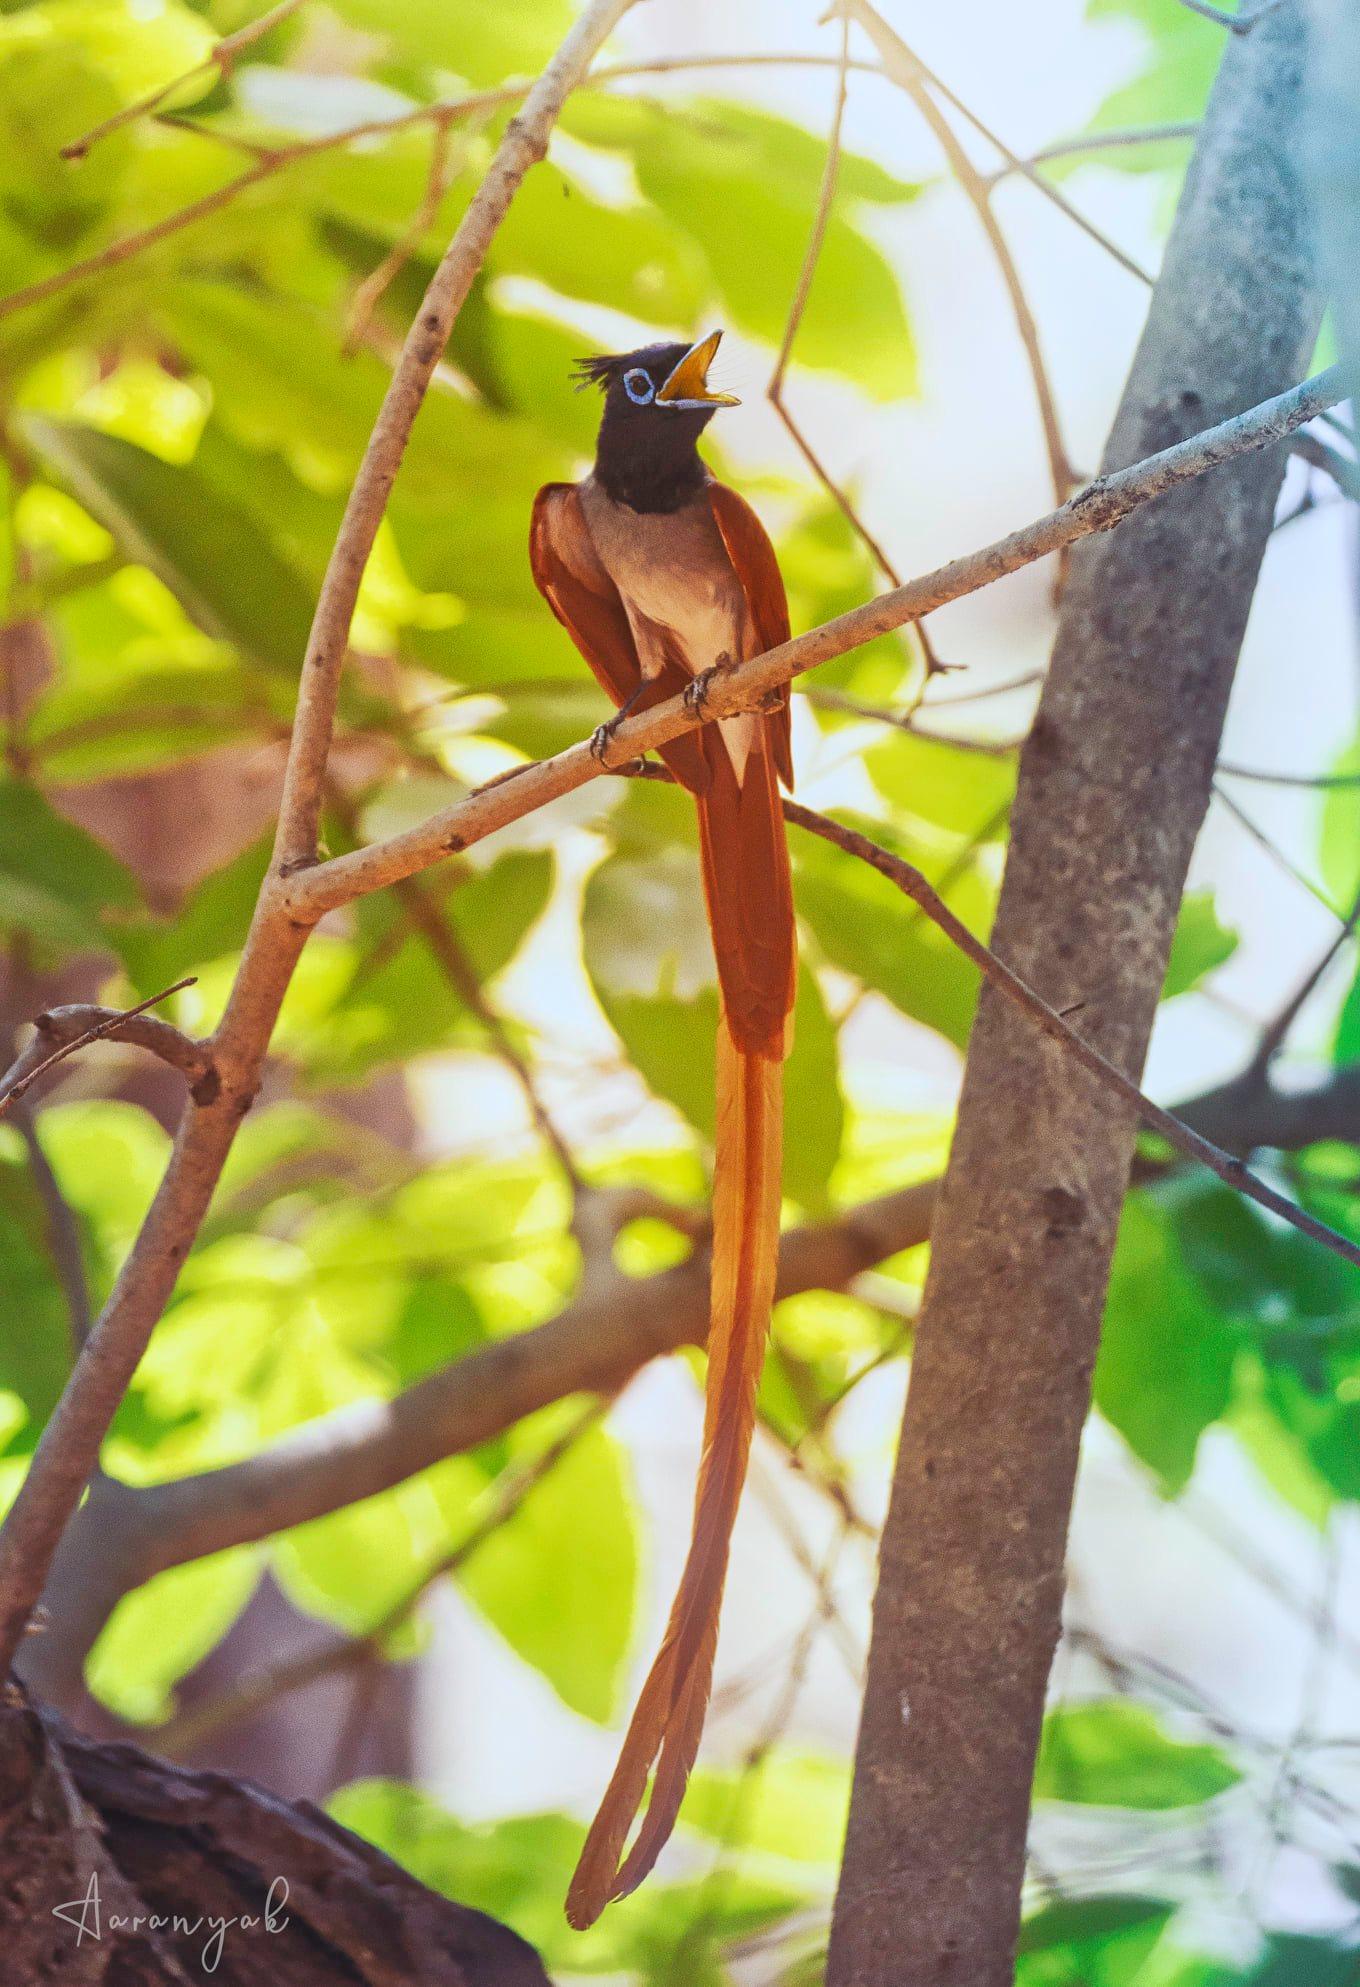 વિવિધ જાતનાં પક્ષીઓને માણવા માટે સમગ્ર ગુજરાત રાજ્યનાં પંથકમાં સાસણગીરથી સુંદર બીજી કોઈ જગ્યા નથી